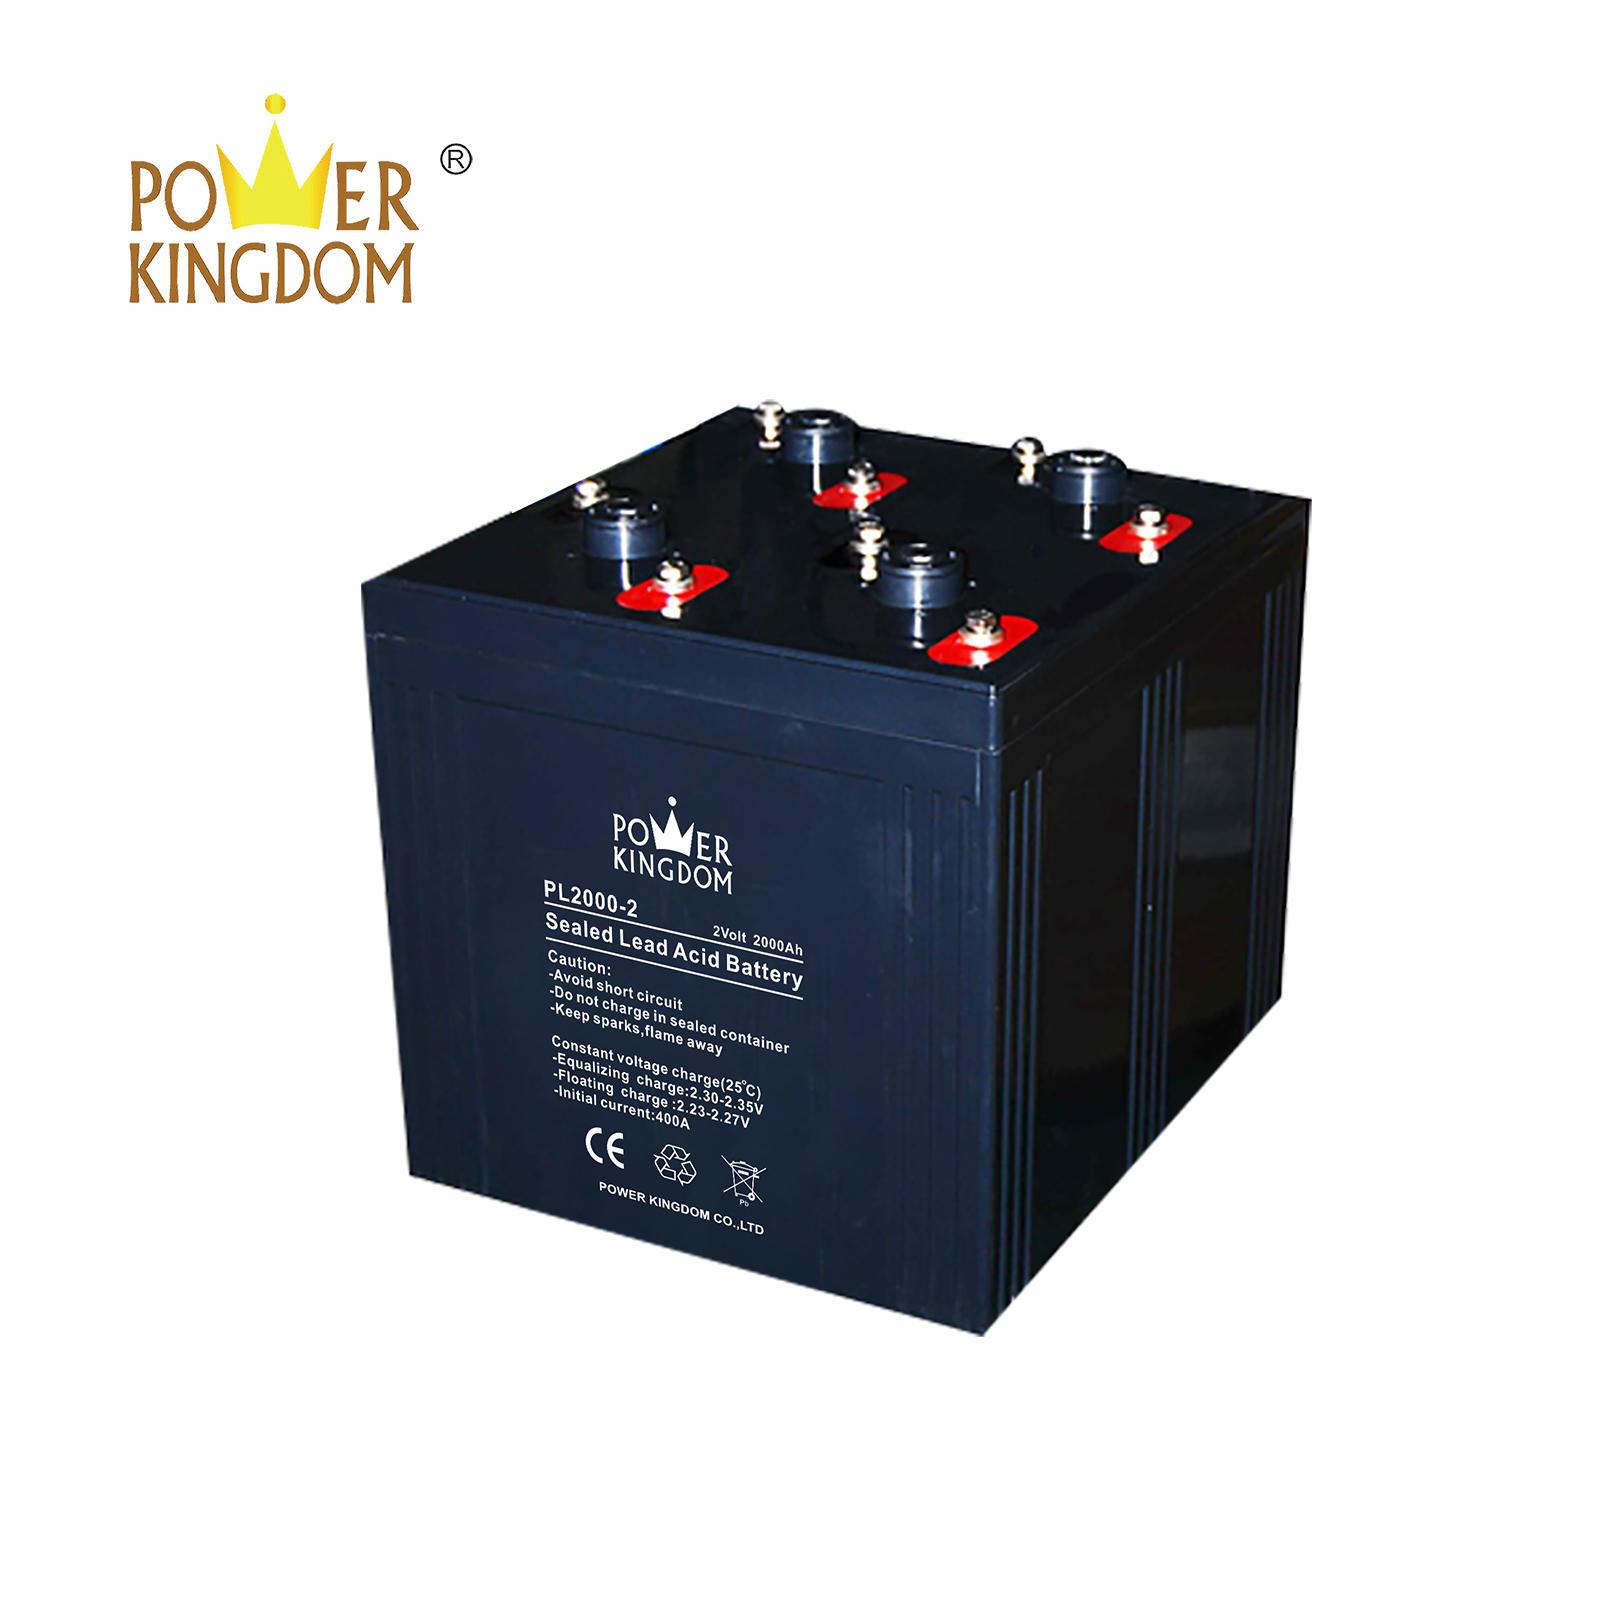 Long life 2v 2000ah SLA sealed lead acid battery manufacturer in China